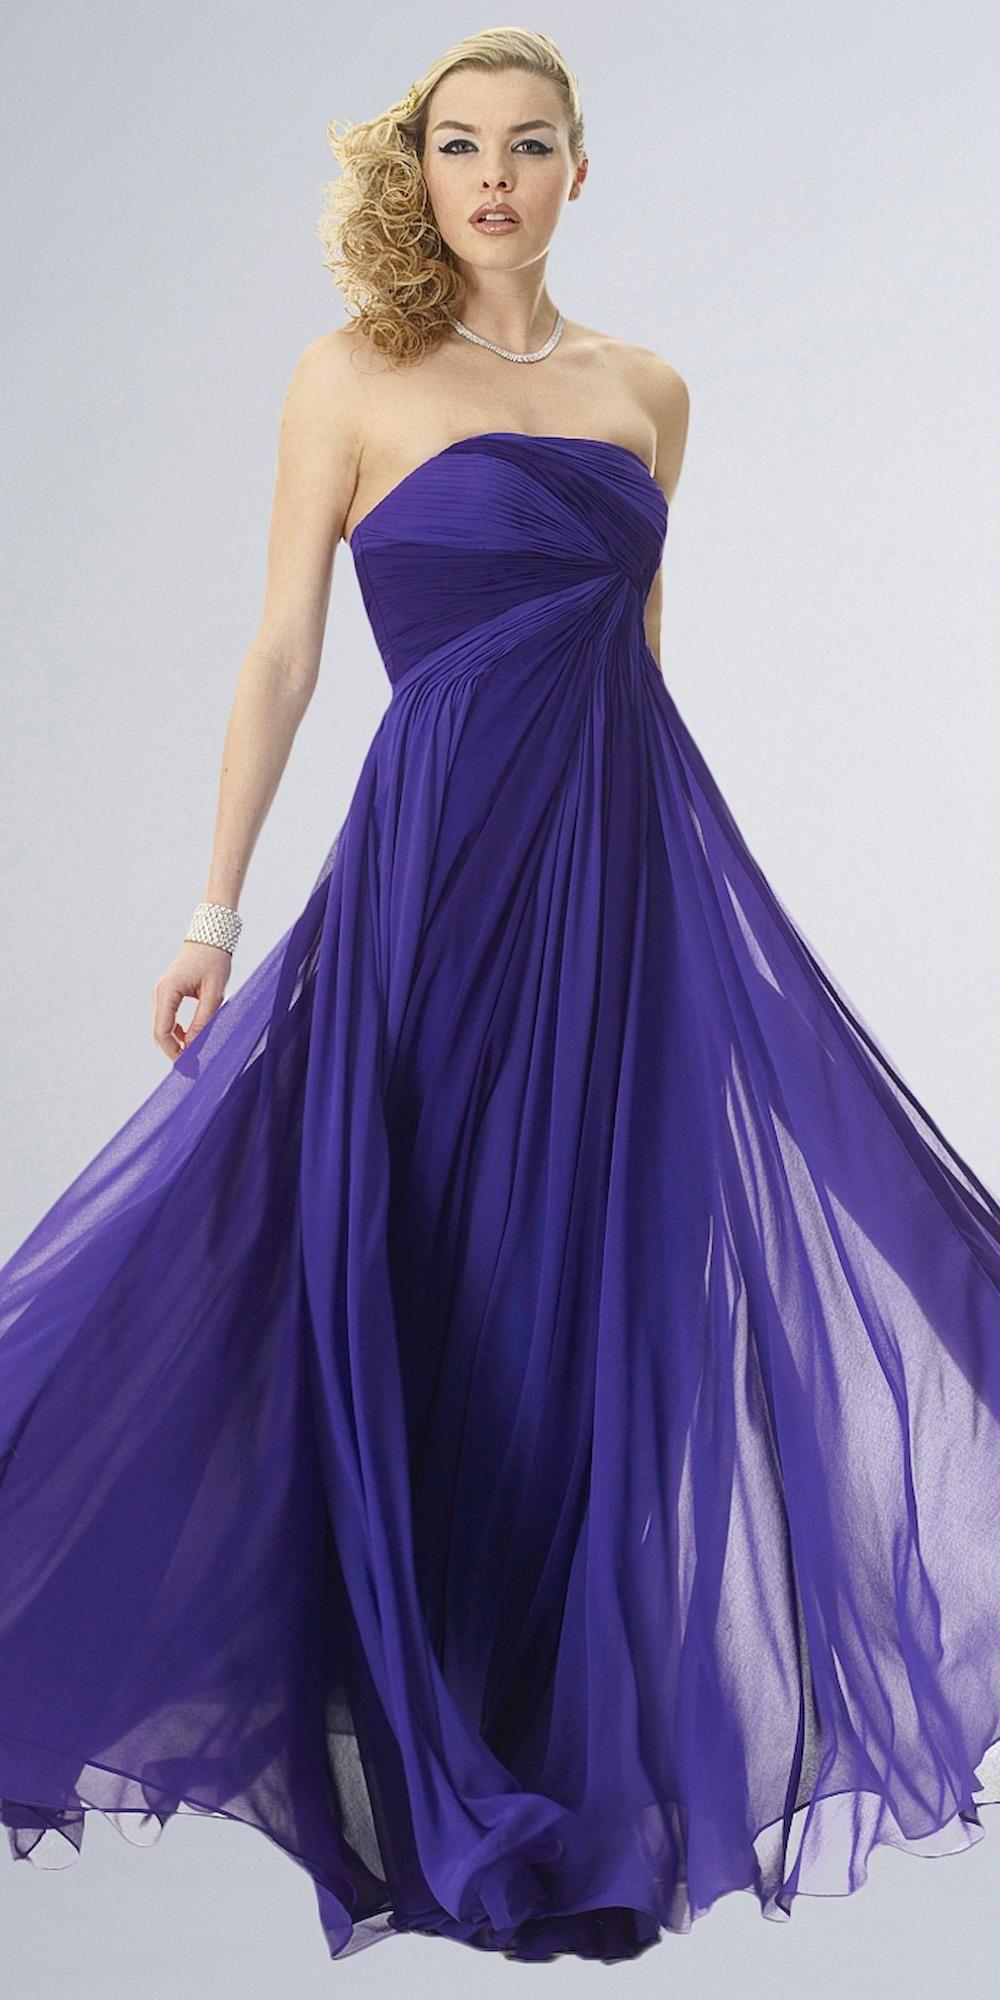 Evening Dresses | Simple Evening Dresses, Simple Evening Dress ...